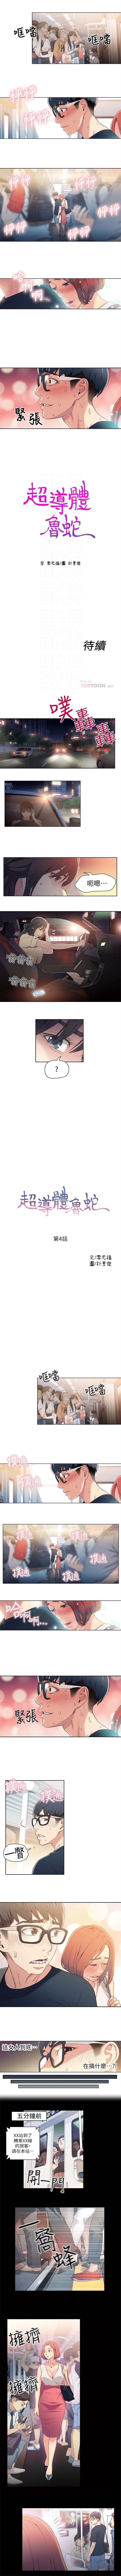 (周7)超导体鲁蛇(超级吸引力) 1-14 中文翻译(更新中) 14